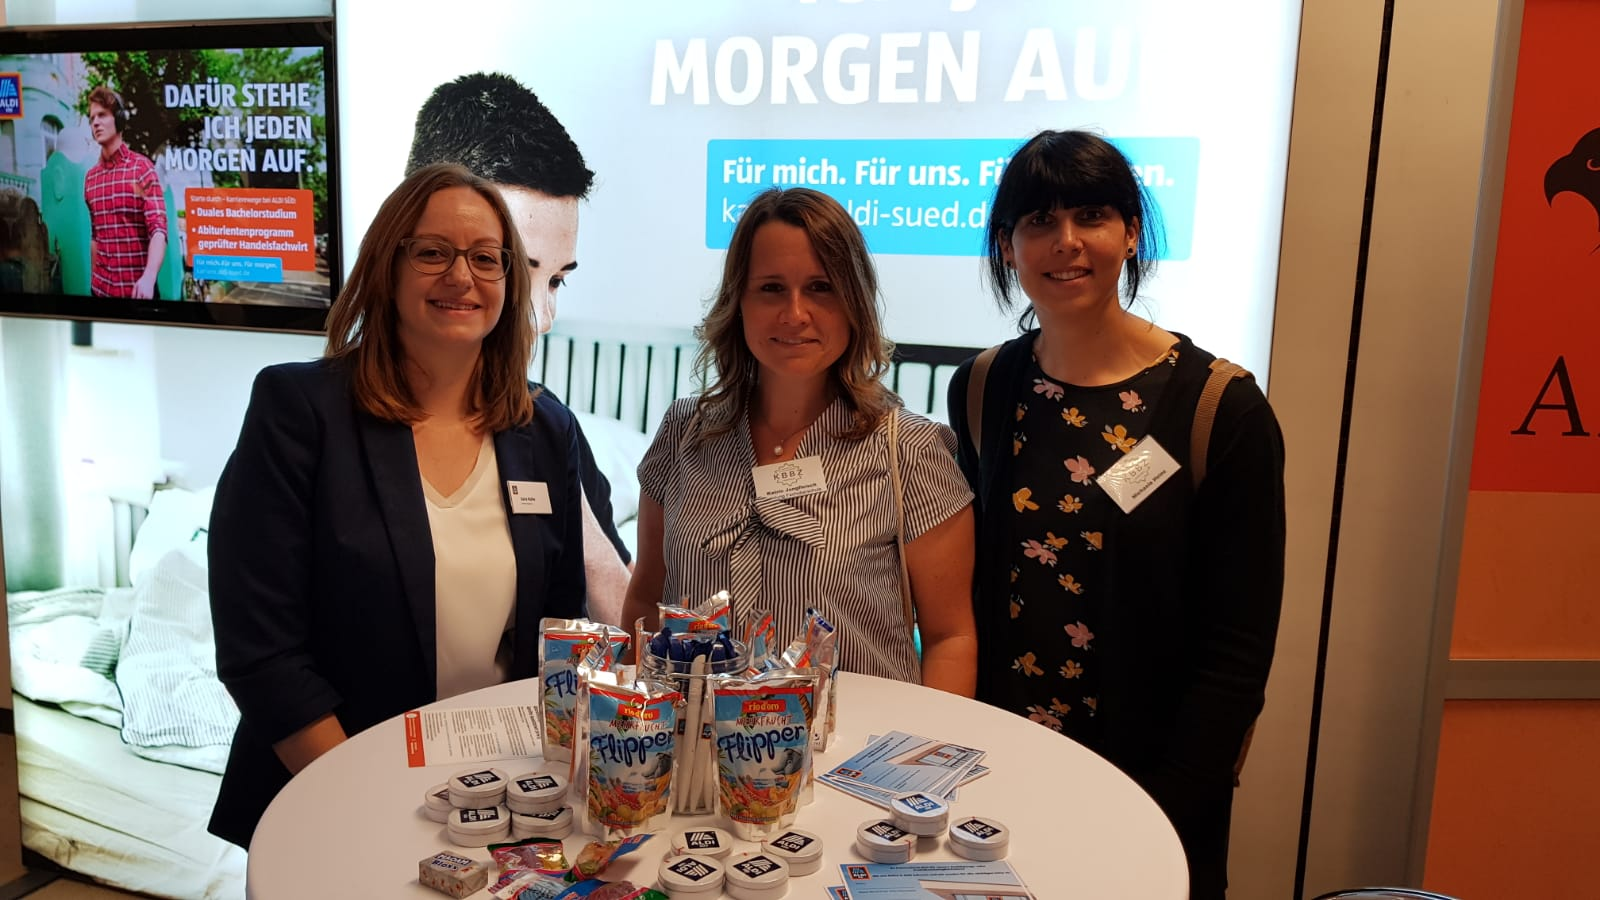 Zu Besuch bei unserem Kooperationspartner ALDI Süd - v.l.n.r. Frau Rohe, Frau Jungfleisch und Frau Heinz